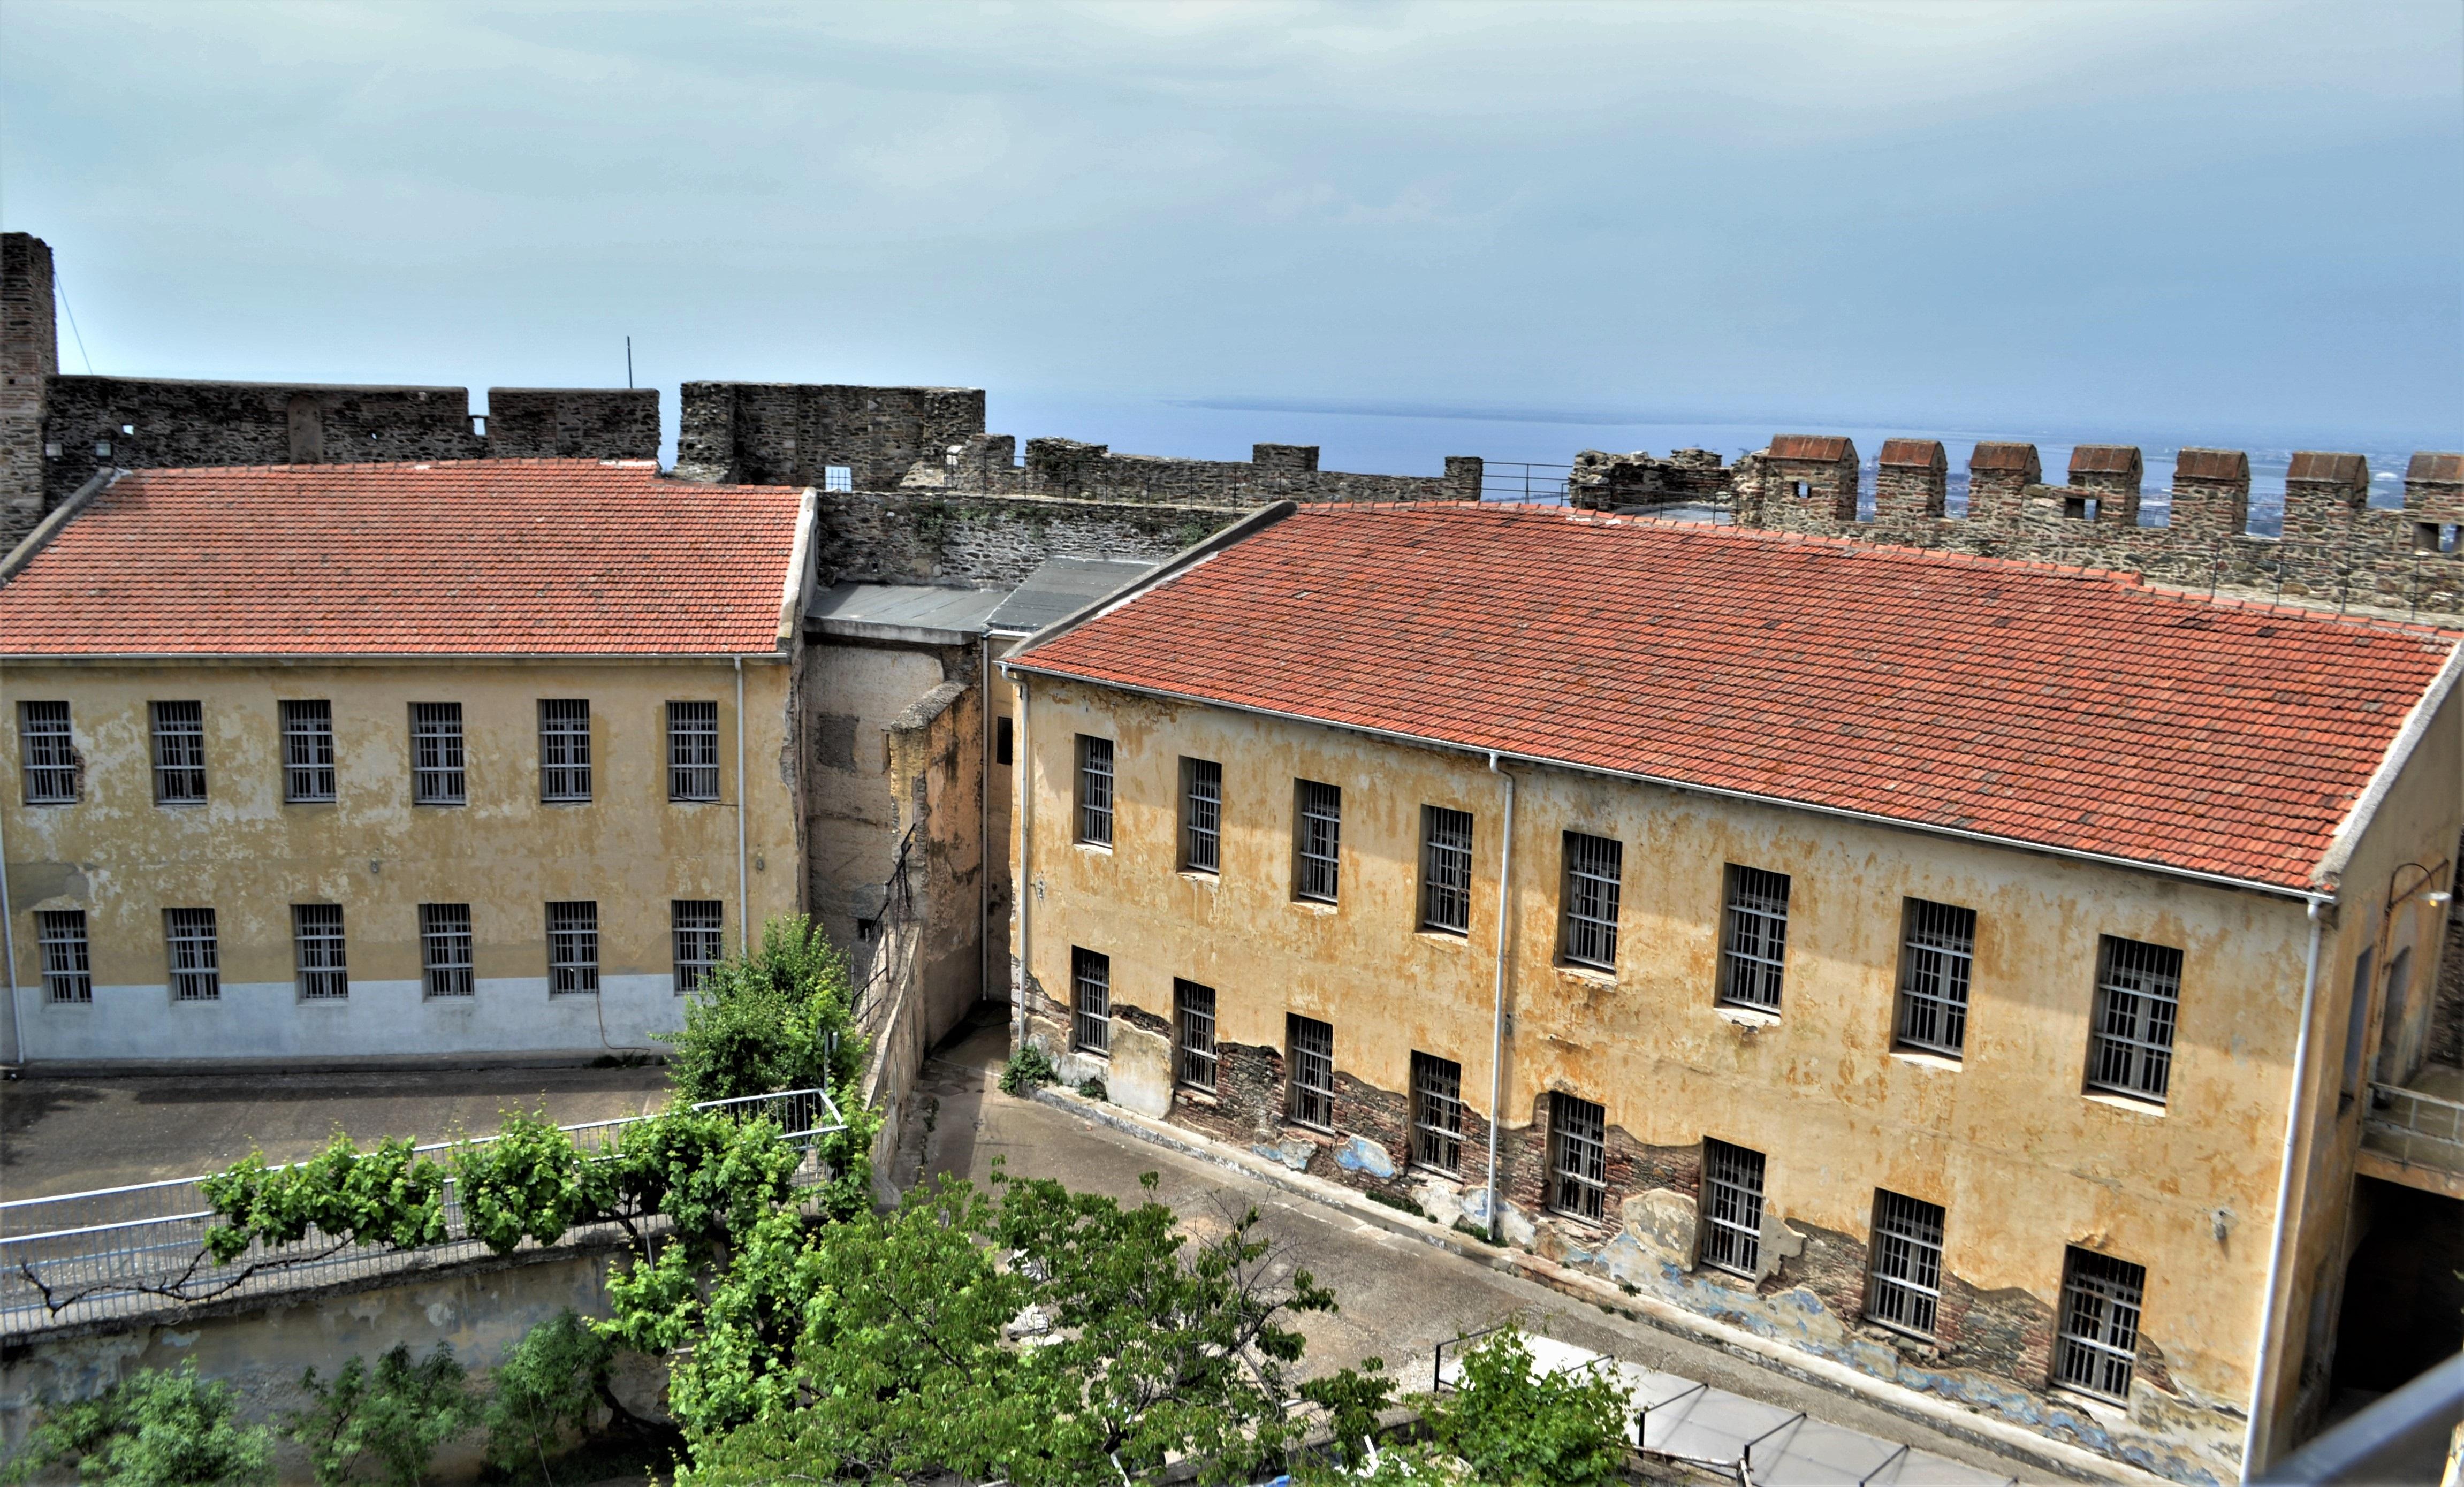 Θεσσαλονίκη: «Επταπύργιο: Βιώματα – Μνήμες – Κατοικήσεις». Έκθεση προφορικών ιστοριών